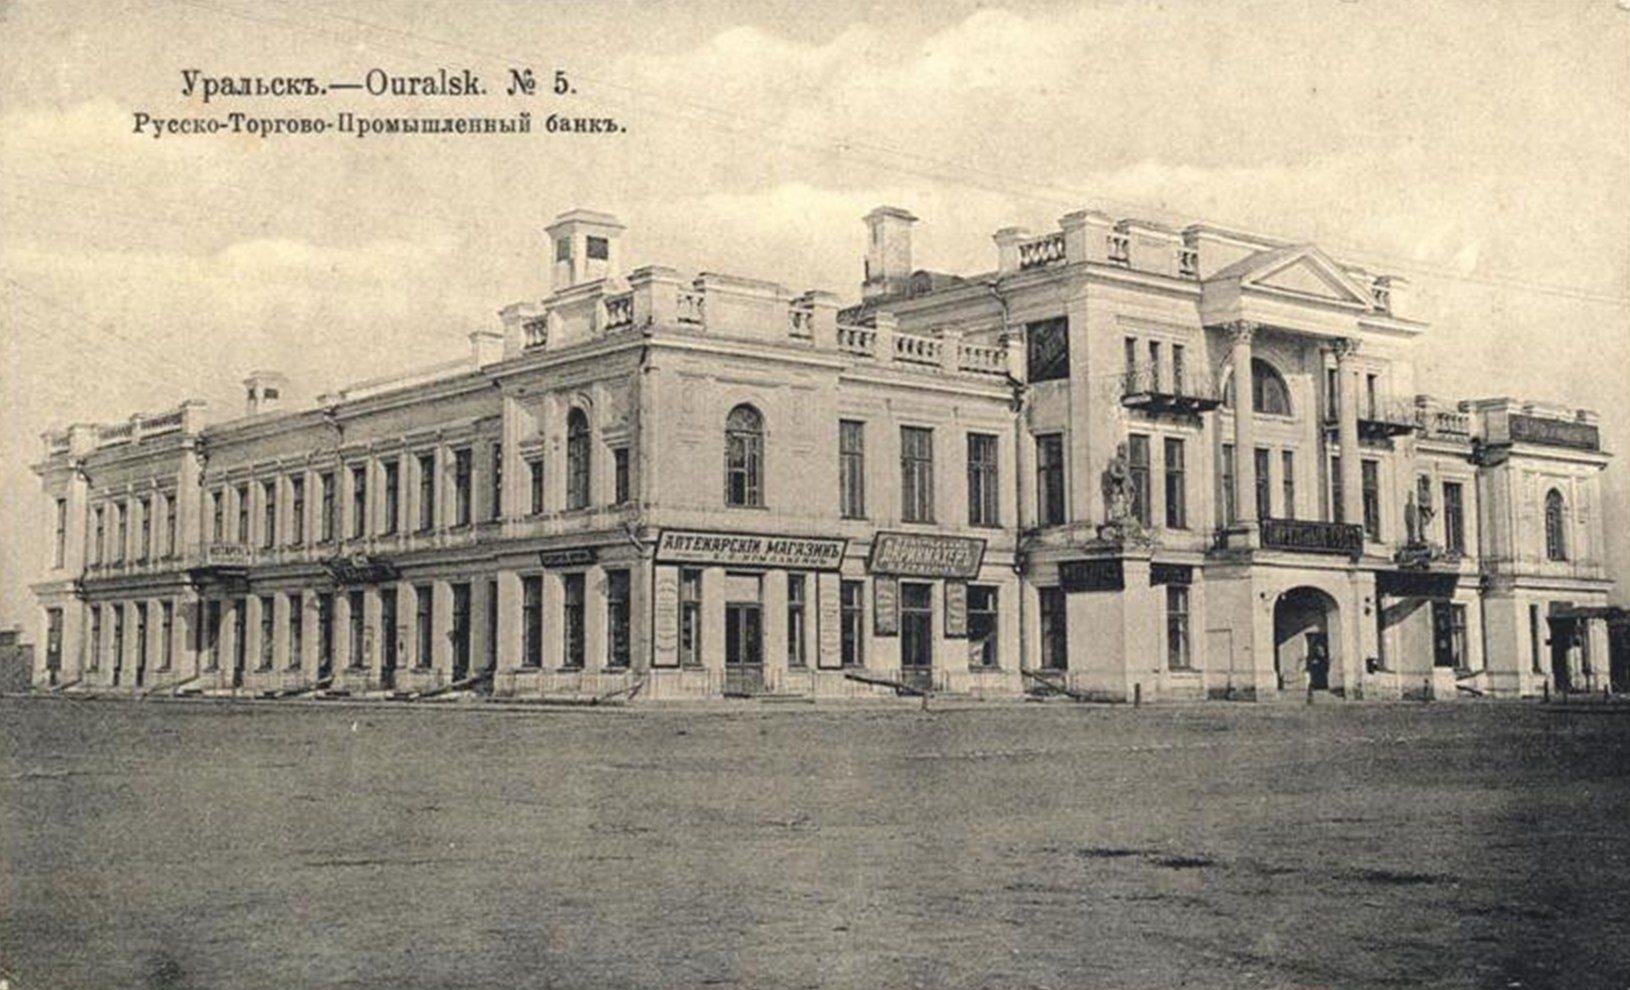 Здание Русского торгово-промышленного коммерческого банка